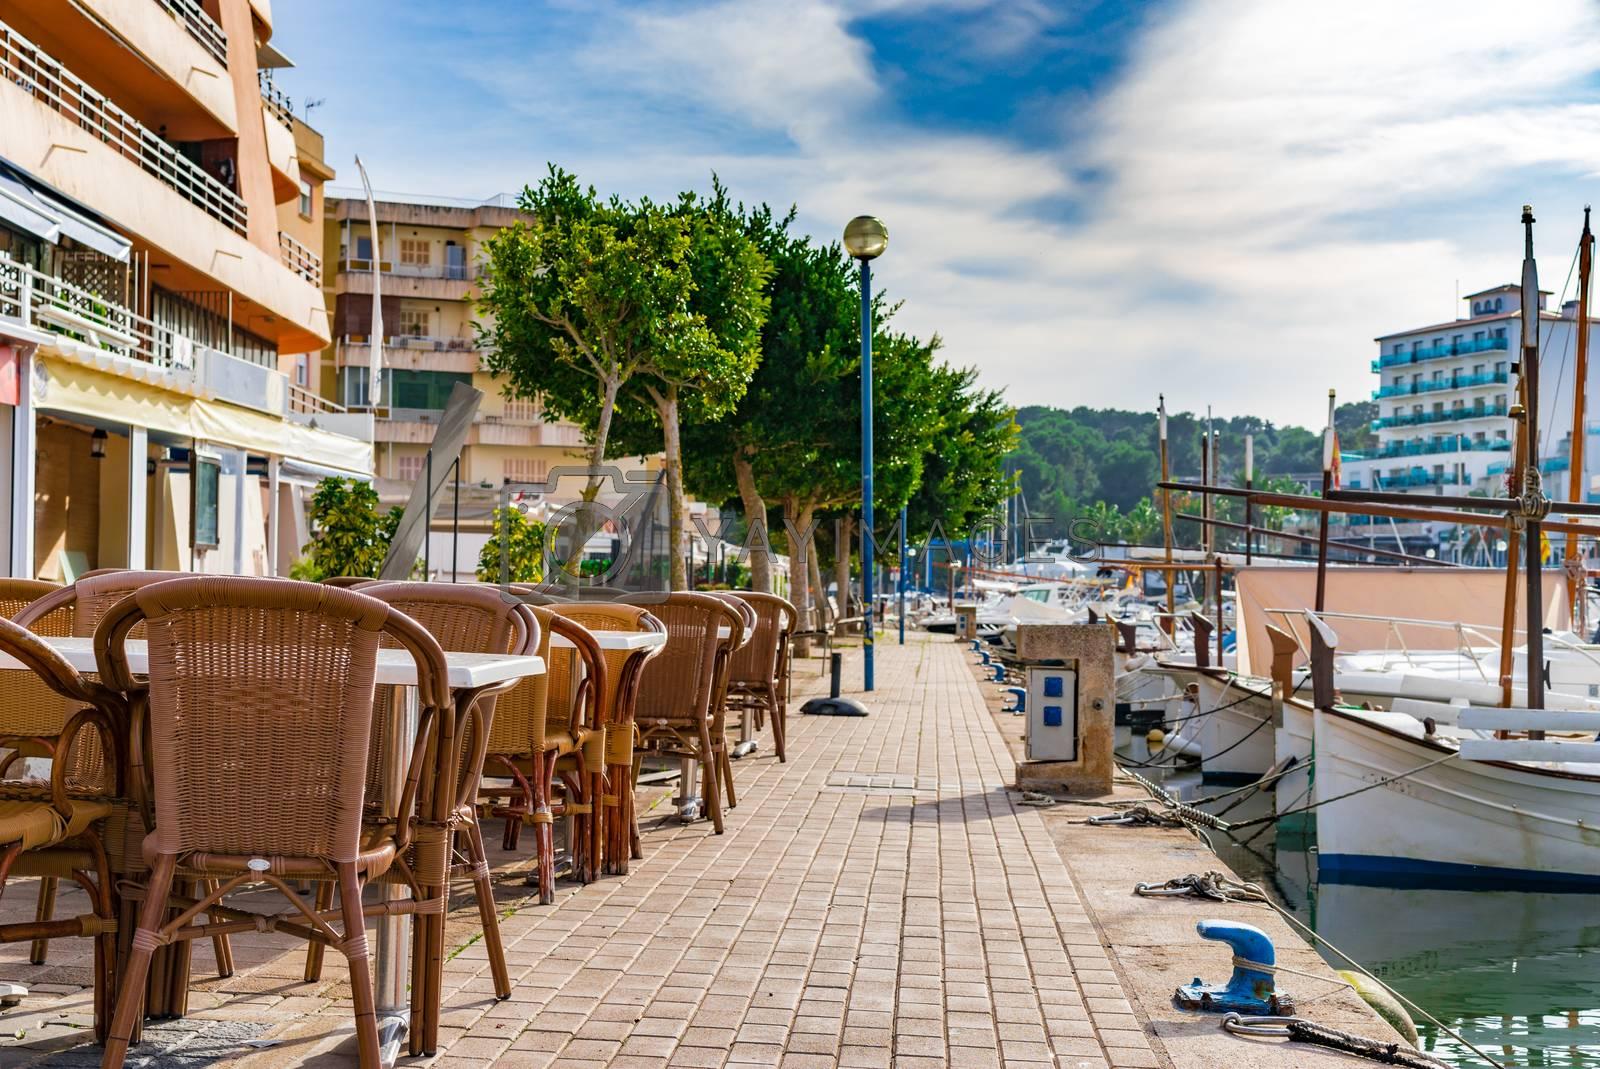 Harbor promenade of Porto Christo on Mallorca, Spain Balearic islands